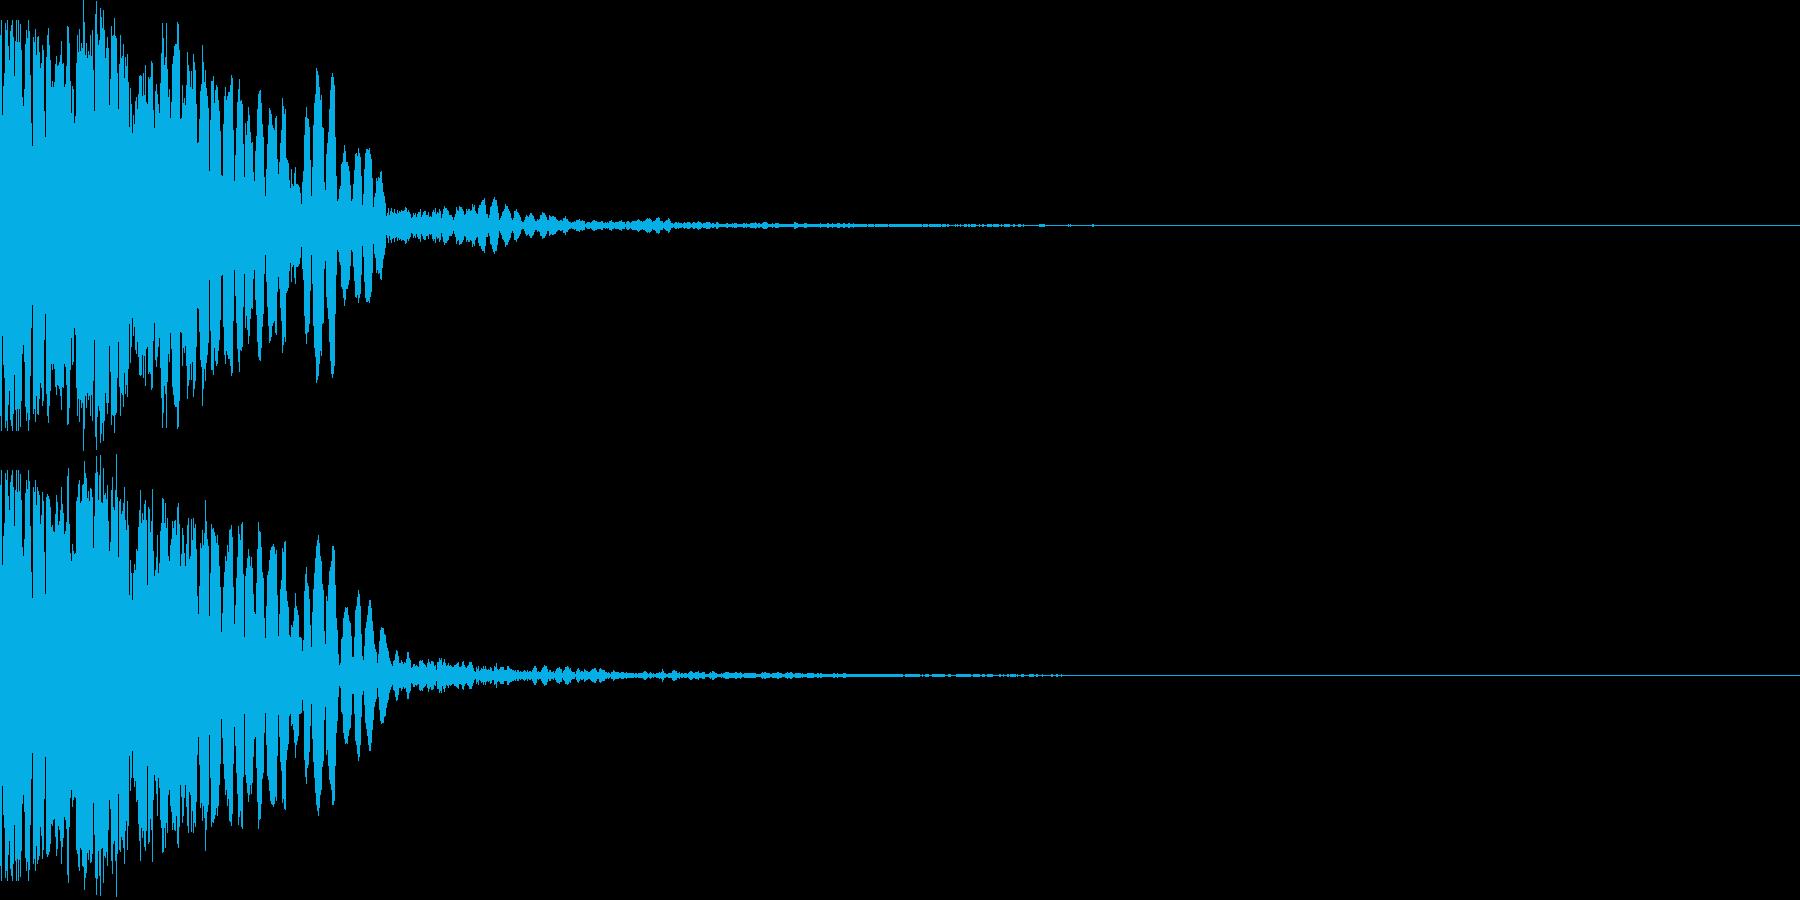 盾で敵の攻撃をガードした時の音の再生済みの波形